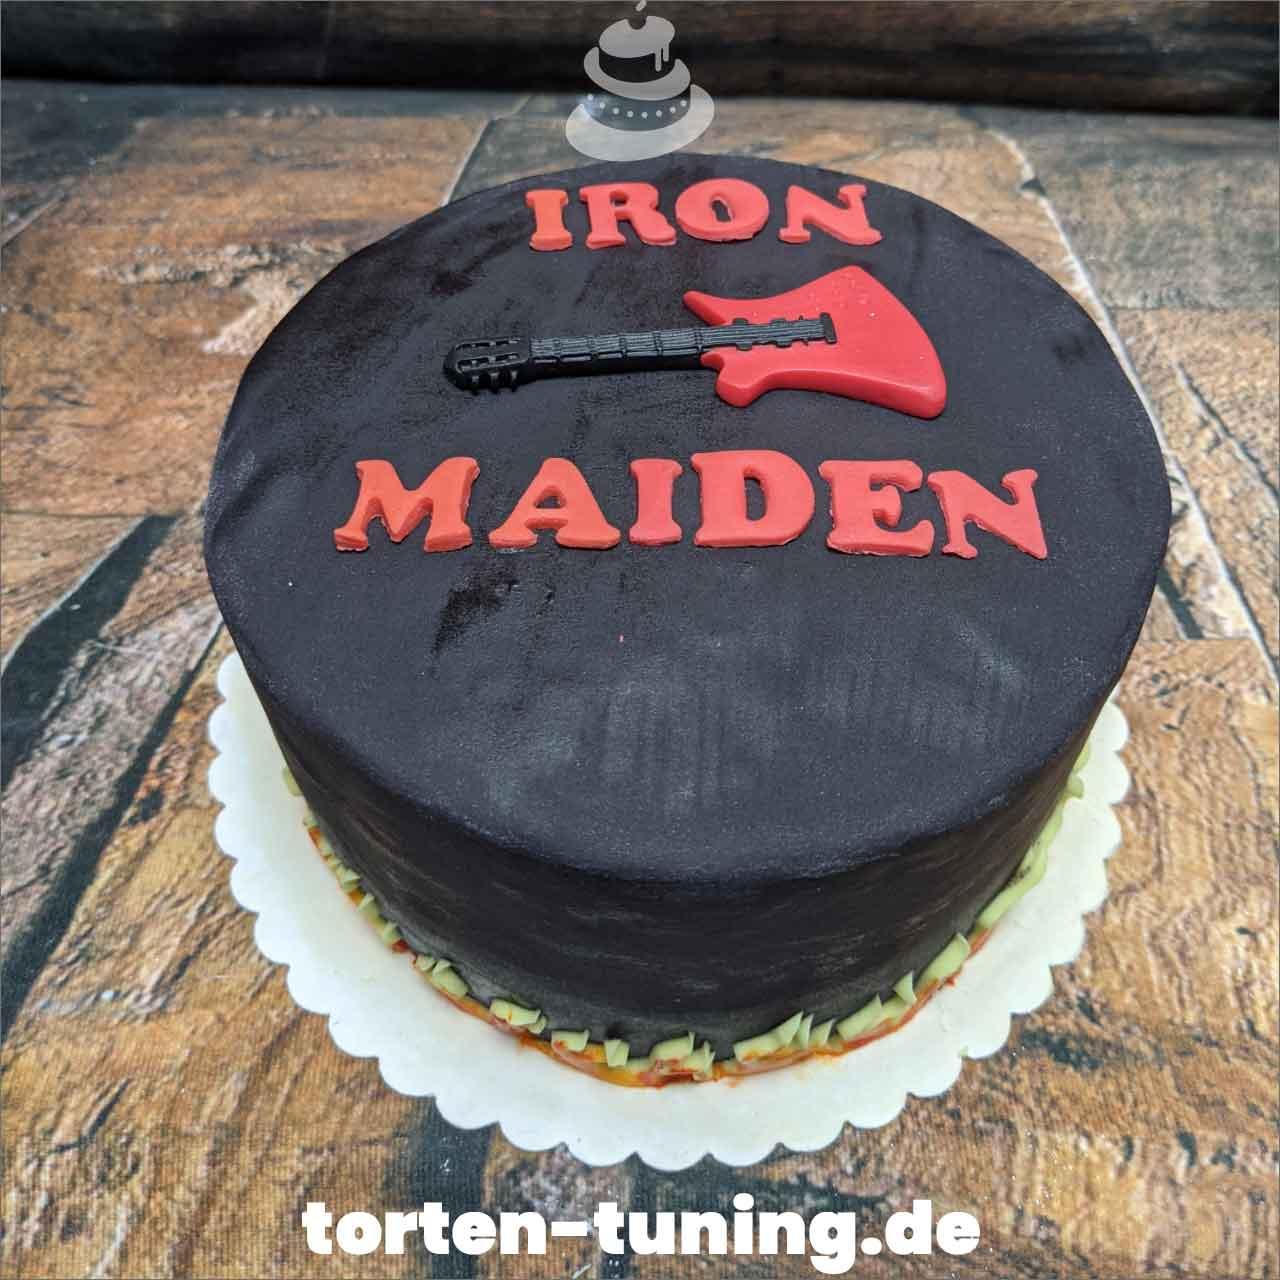 Iron Maiden Dripcake Obsttorte Geburtstagstorte Motivtorte Torte Tortendekoration Torte online bestellen Suhl Thüringen Torten Tuning Sahnetorte Tortenfiguren Cake Topper